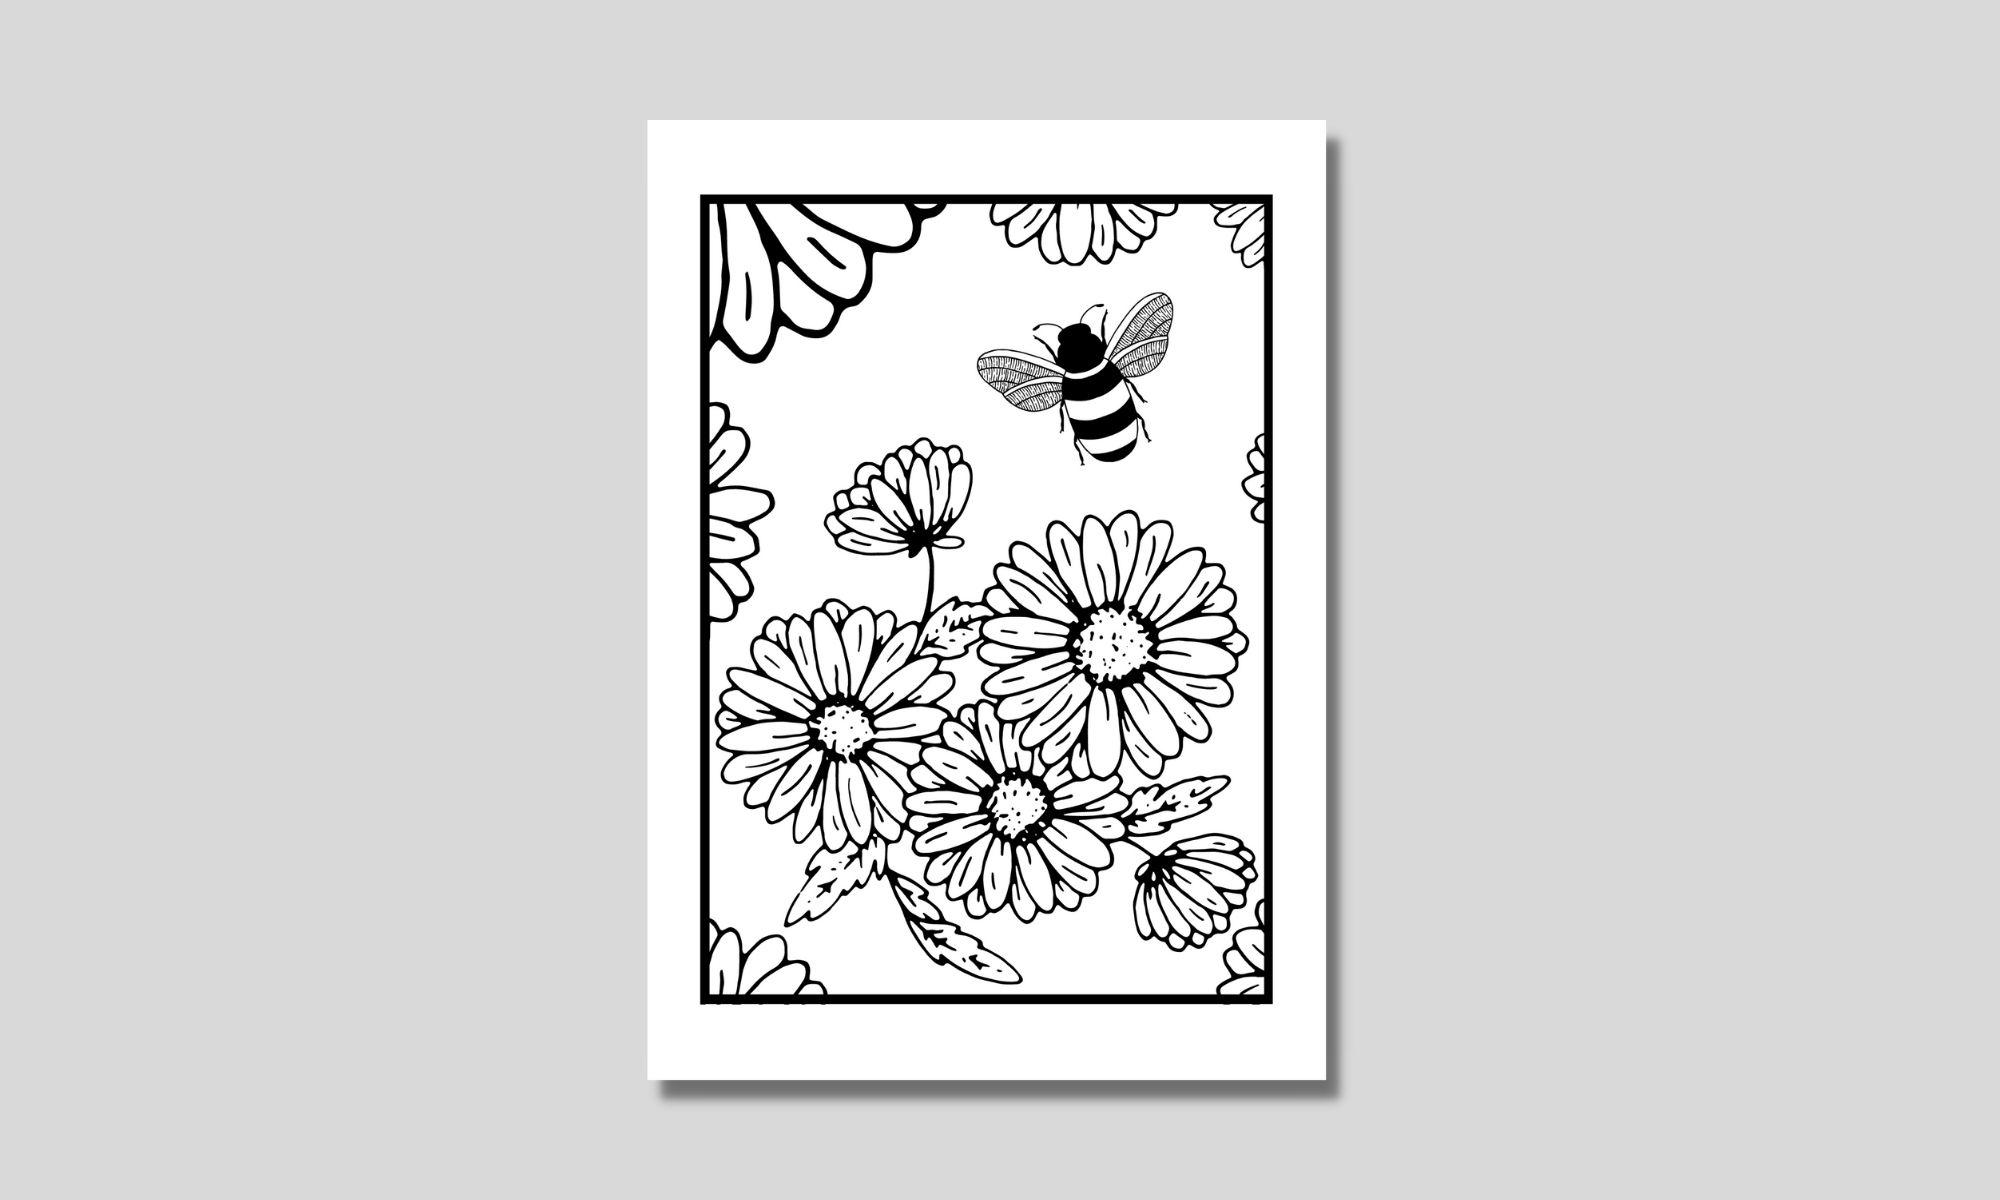 målarbild med bi och blommor